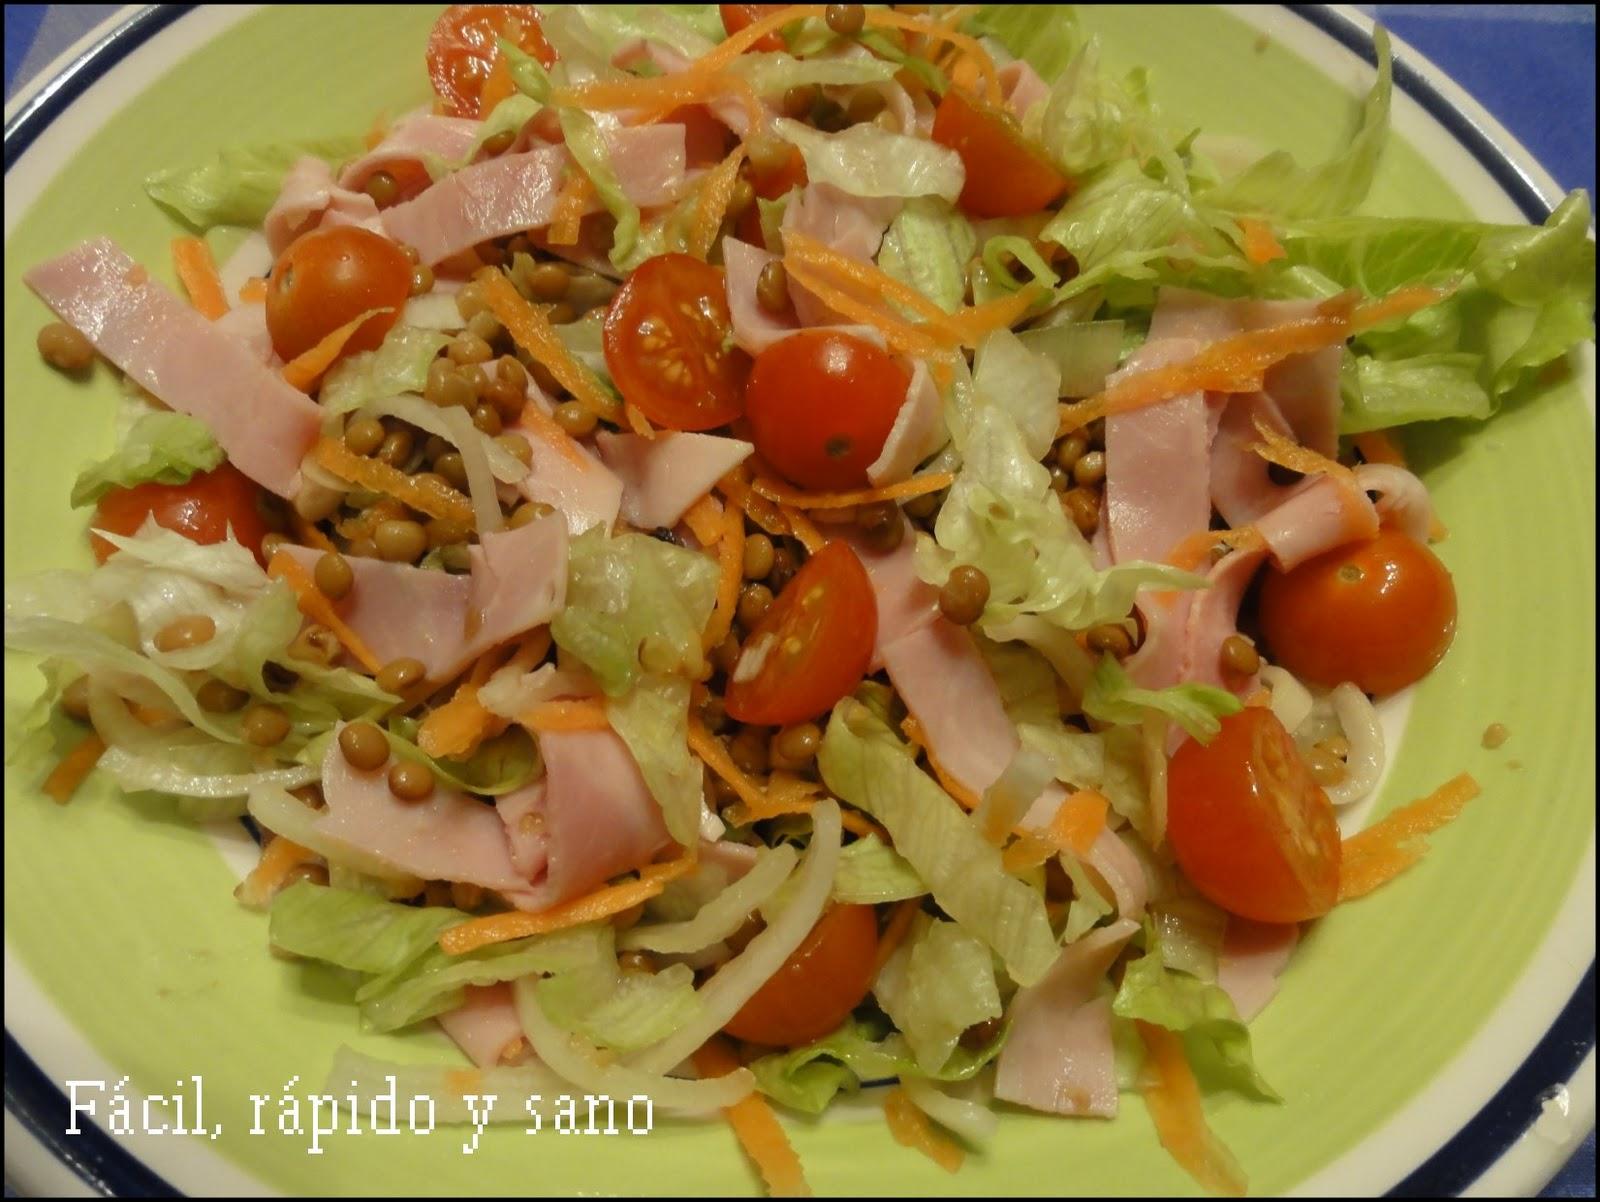 F cil r pido y sano cocina para gente sin tiempo marzo 2011 - Cocinar facil y rapido ...